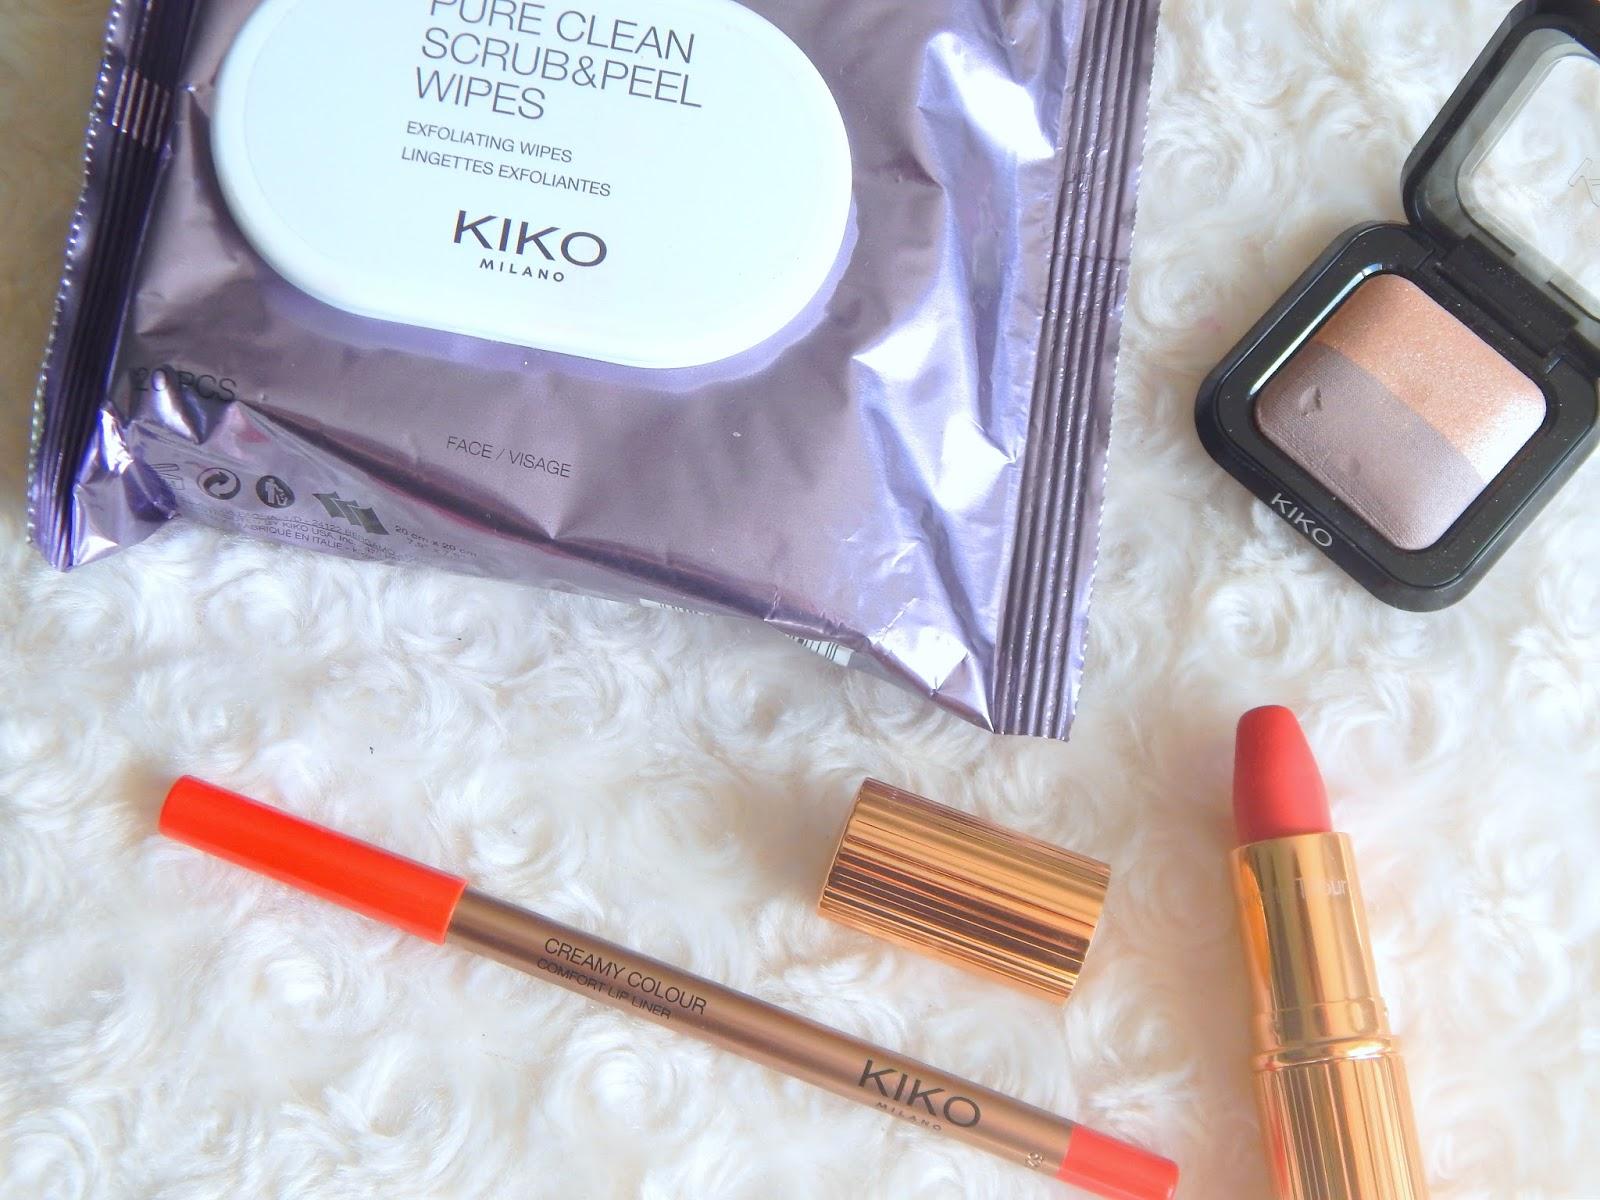 Beauty Haul - Kiko, Charlotte Tilbury